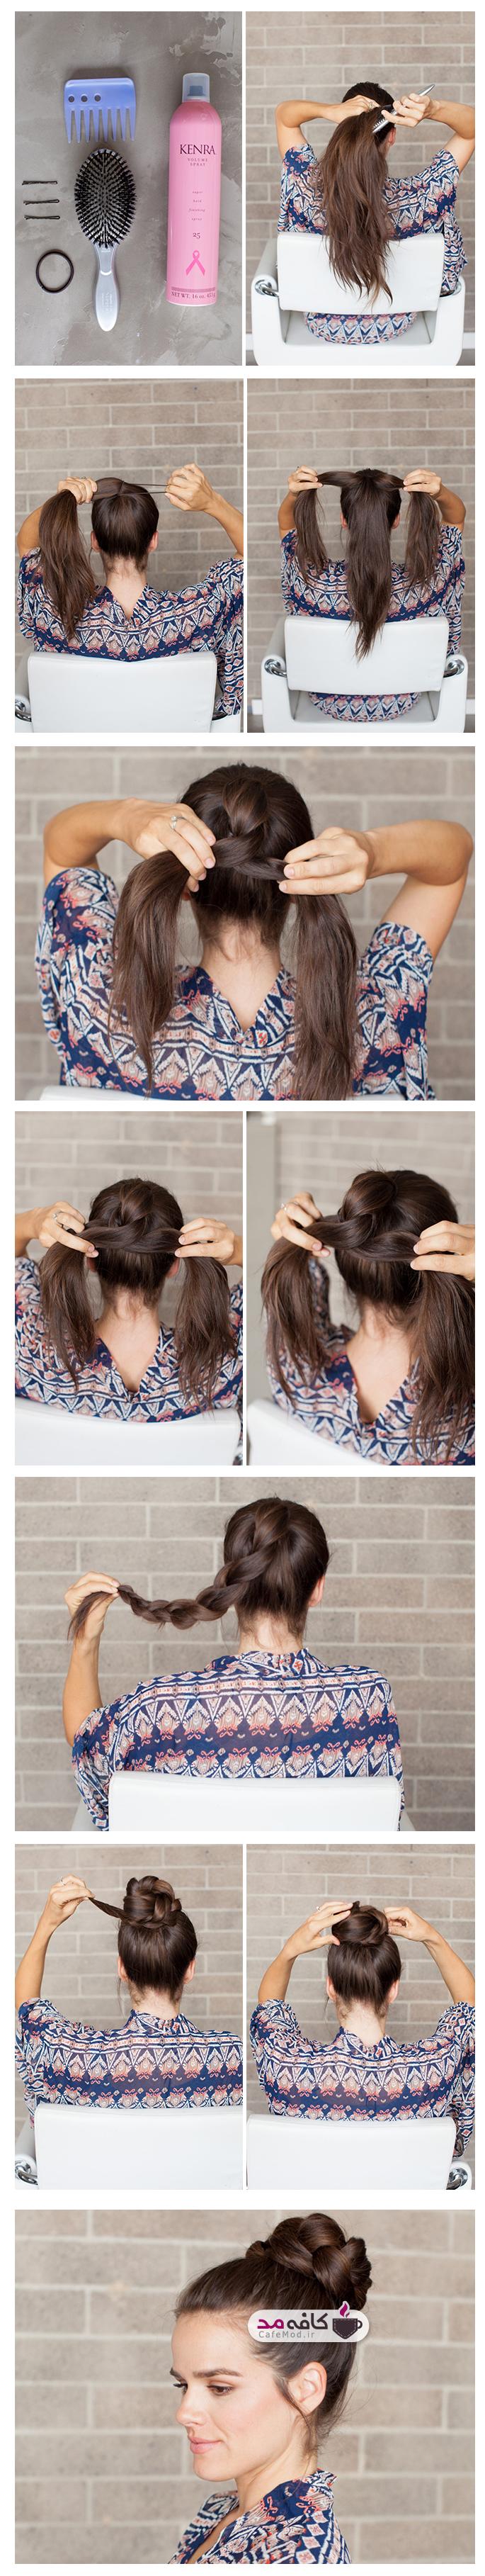 نحوه بستن مدل موی گوجه ای جدید